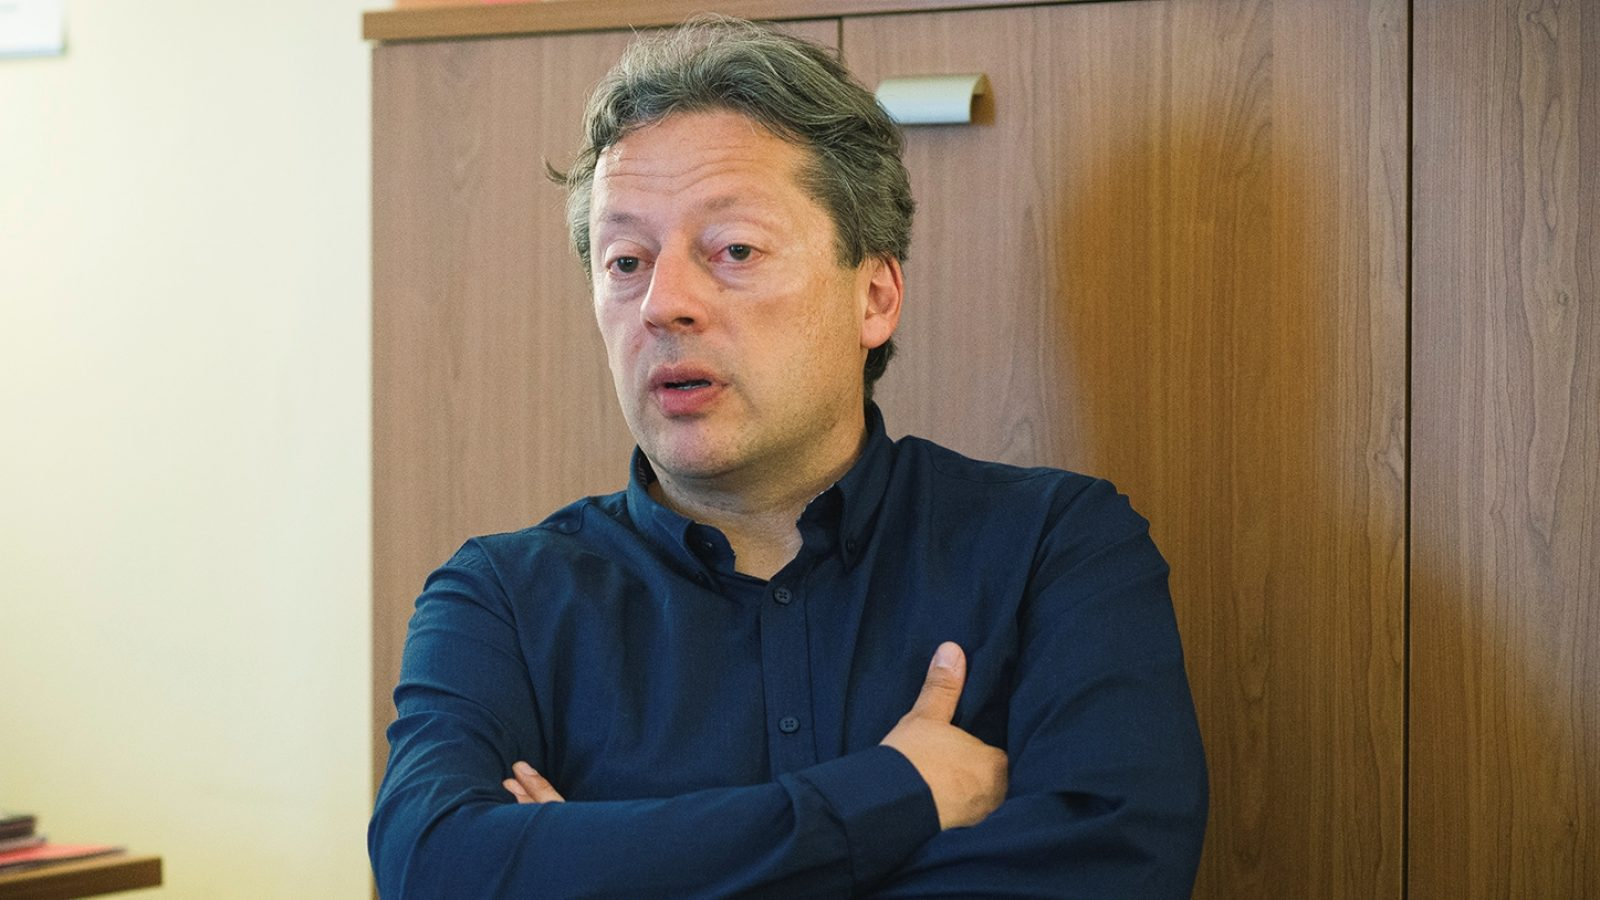 [INTERVJU] Istraživač Branimir Gajić: Tito nije imao moć da naruči strateško bombardovanje Beograda, to je izmišljotina antikomunističke propagande